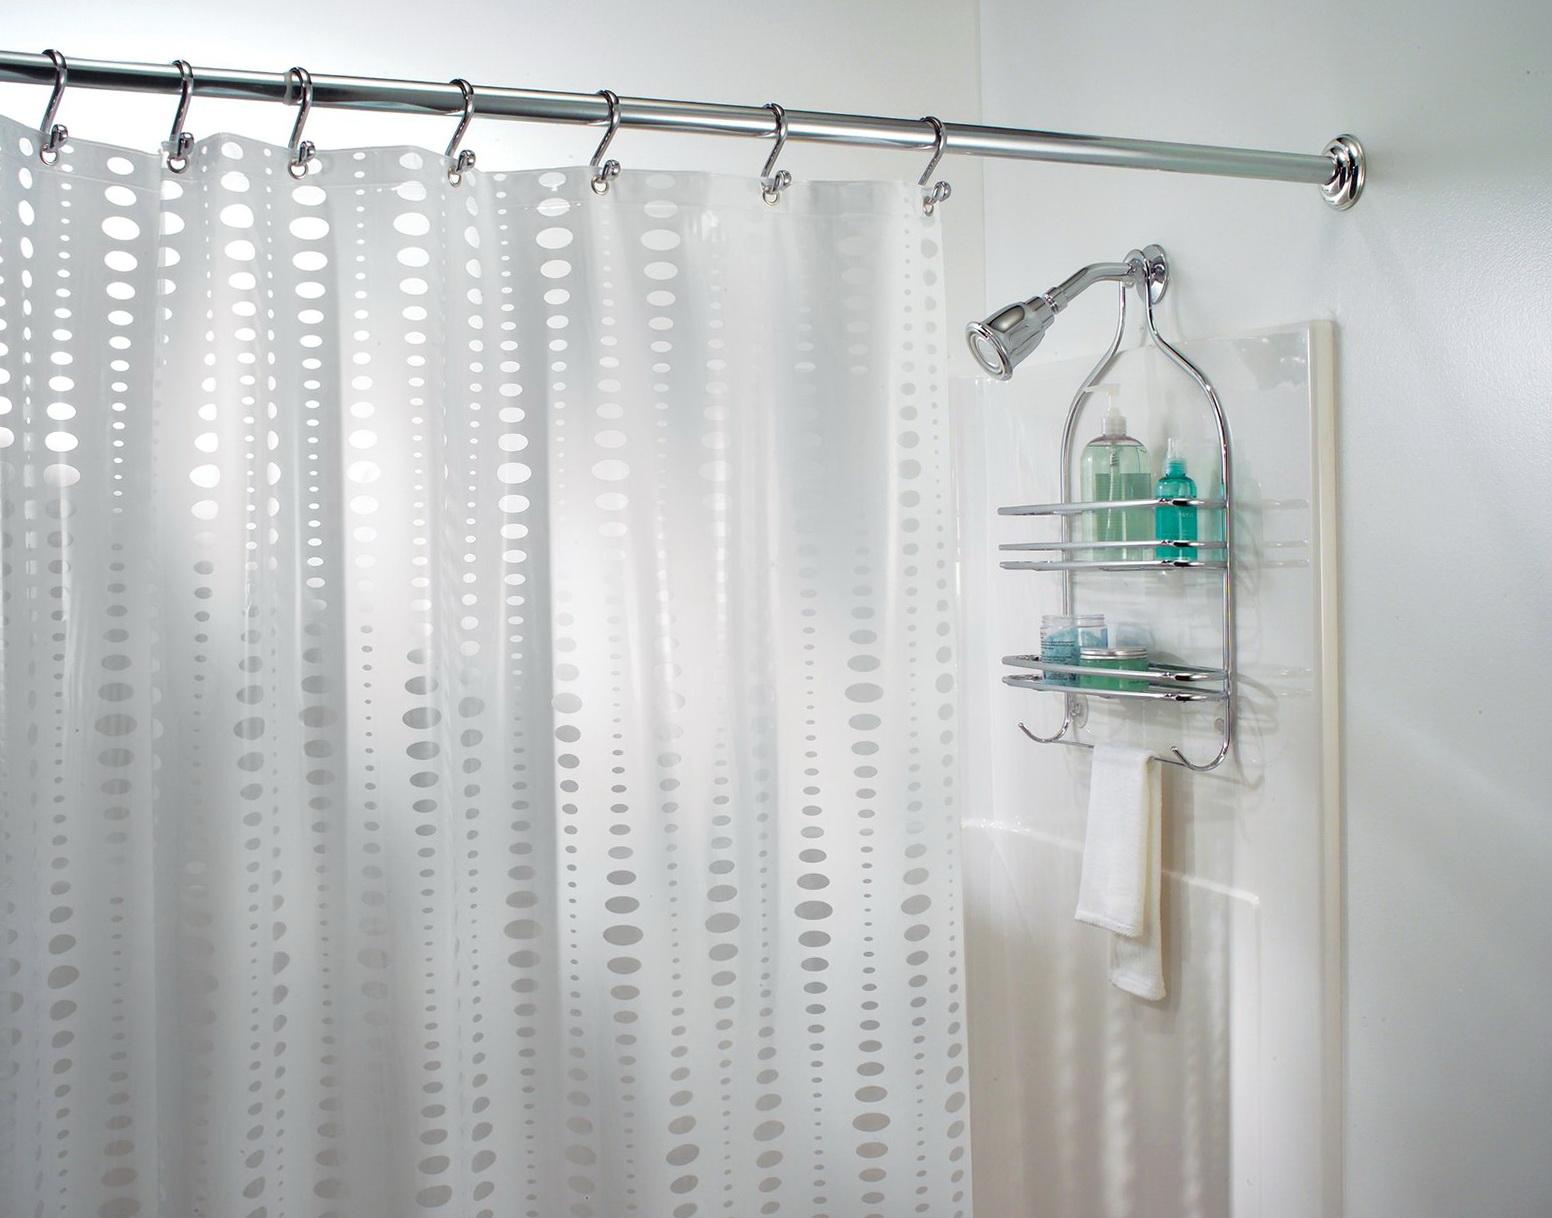 Standard Shower Curtain Length Uk Home Design Ideas